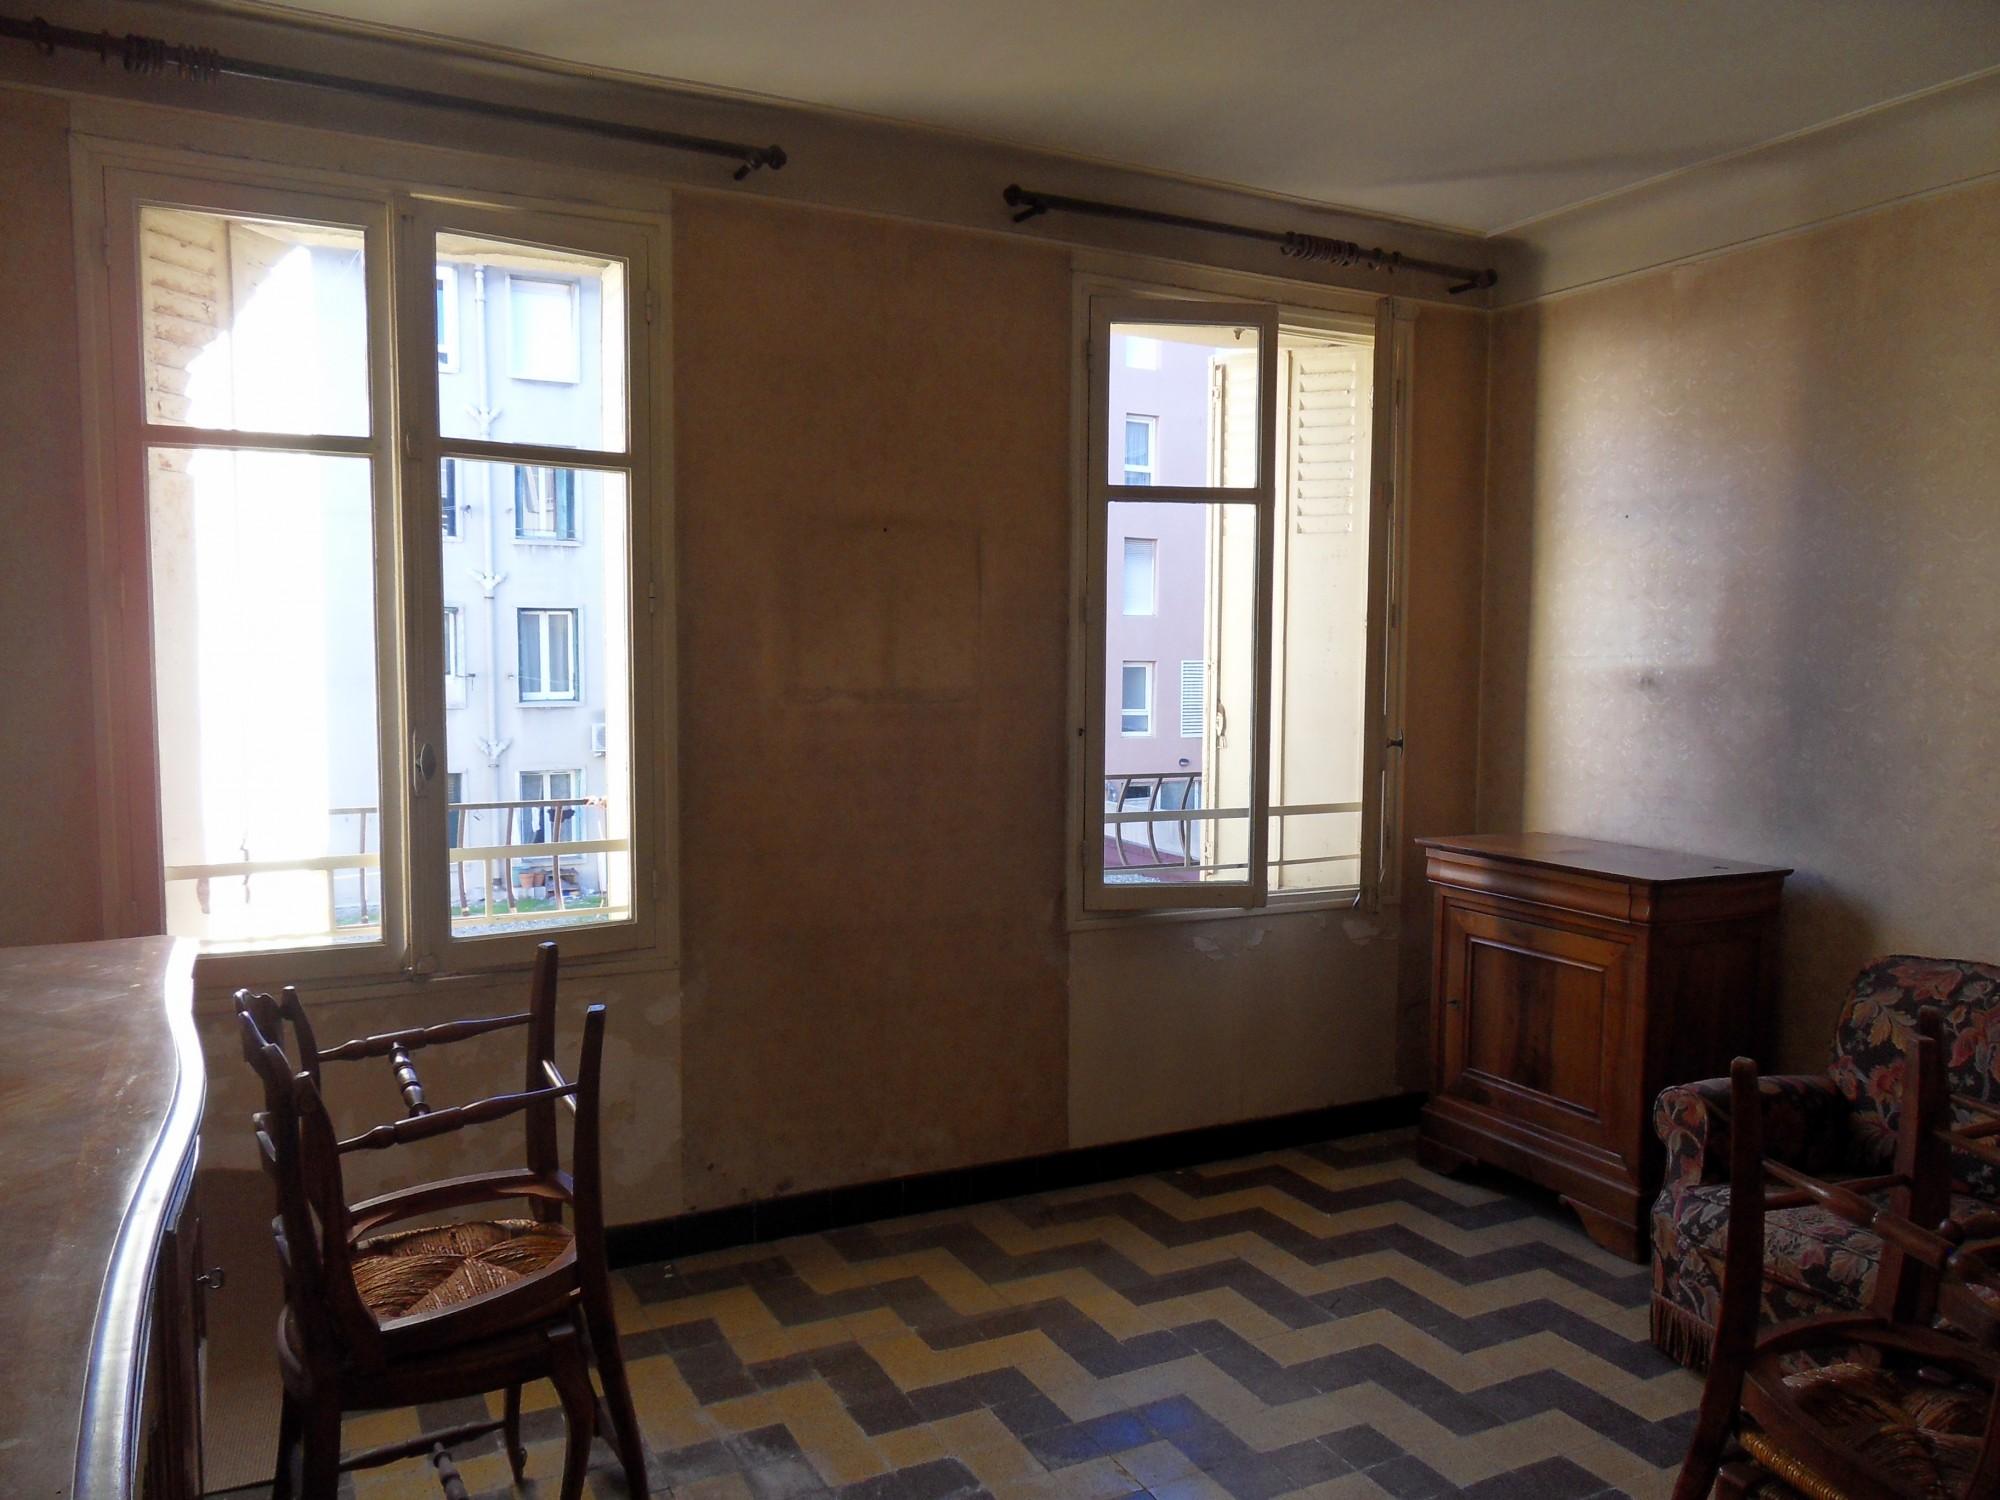 Ventes appartement t2 f2 marseille 13007 quartier for Site vente appartement